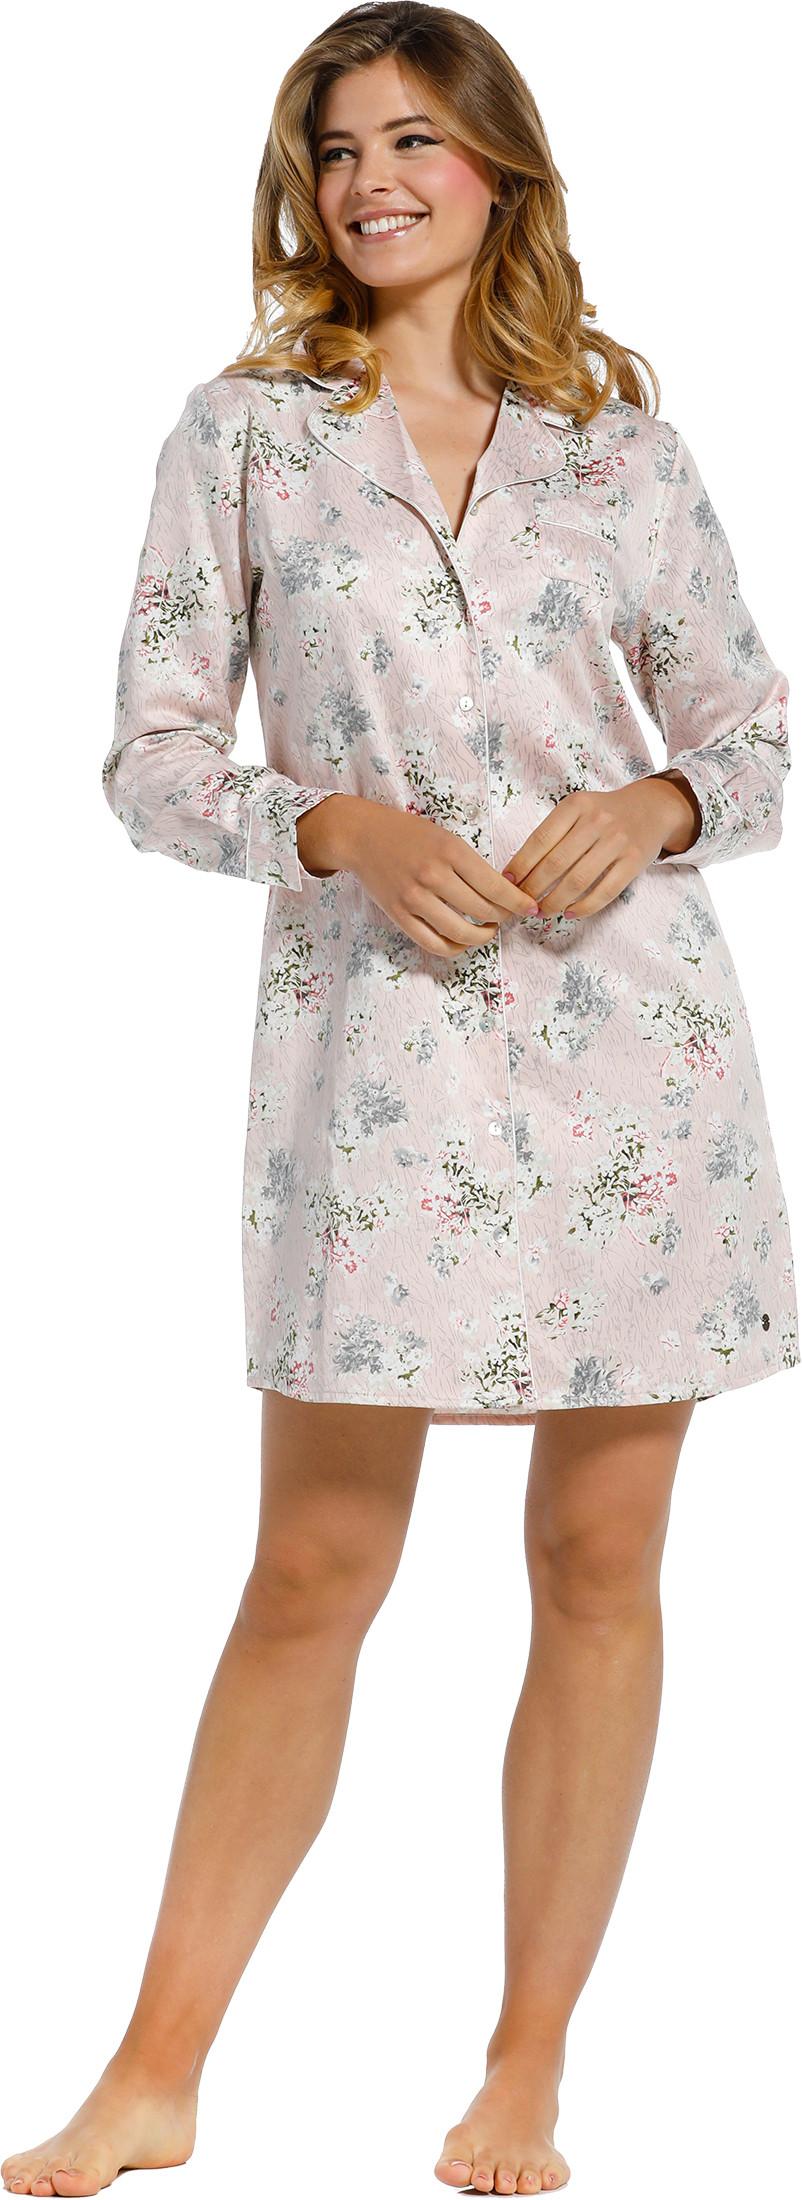 Dames nachthemd Pastunette de Luxe satijn 15211-301-6-42